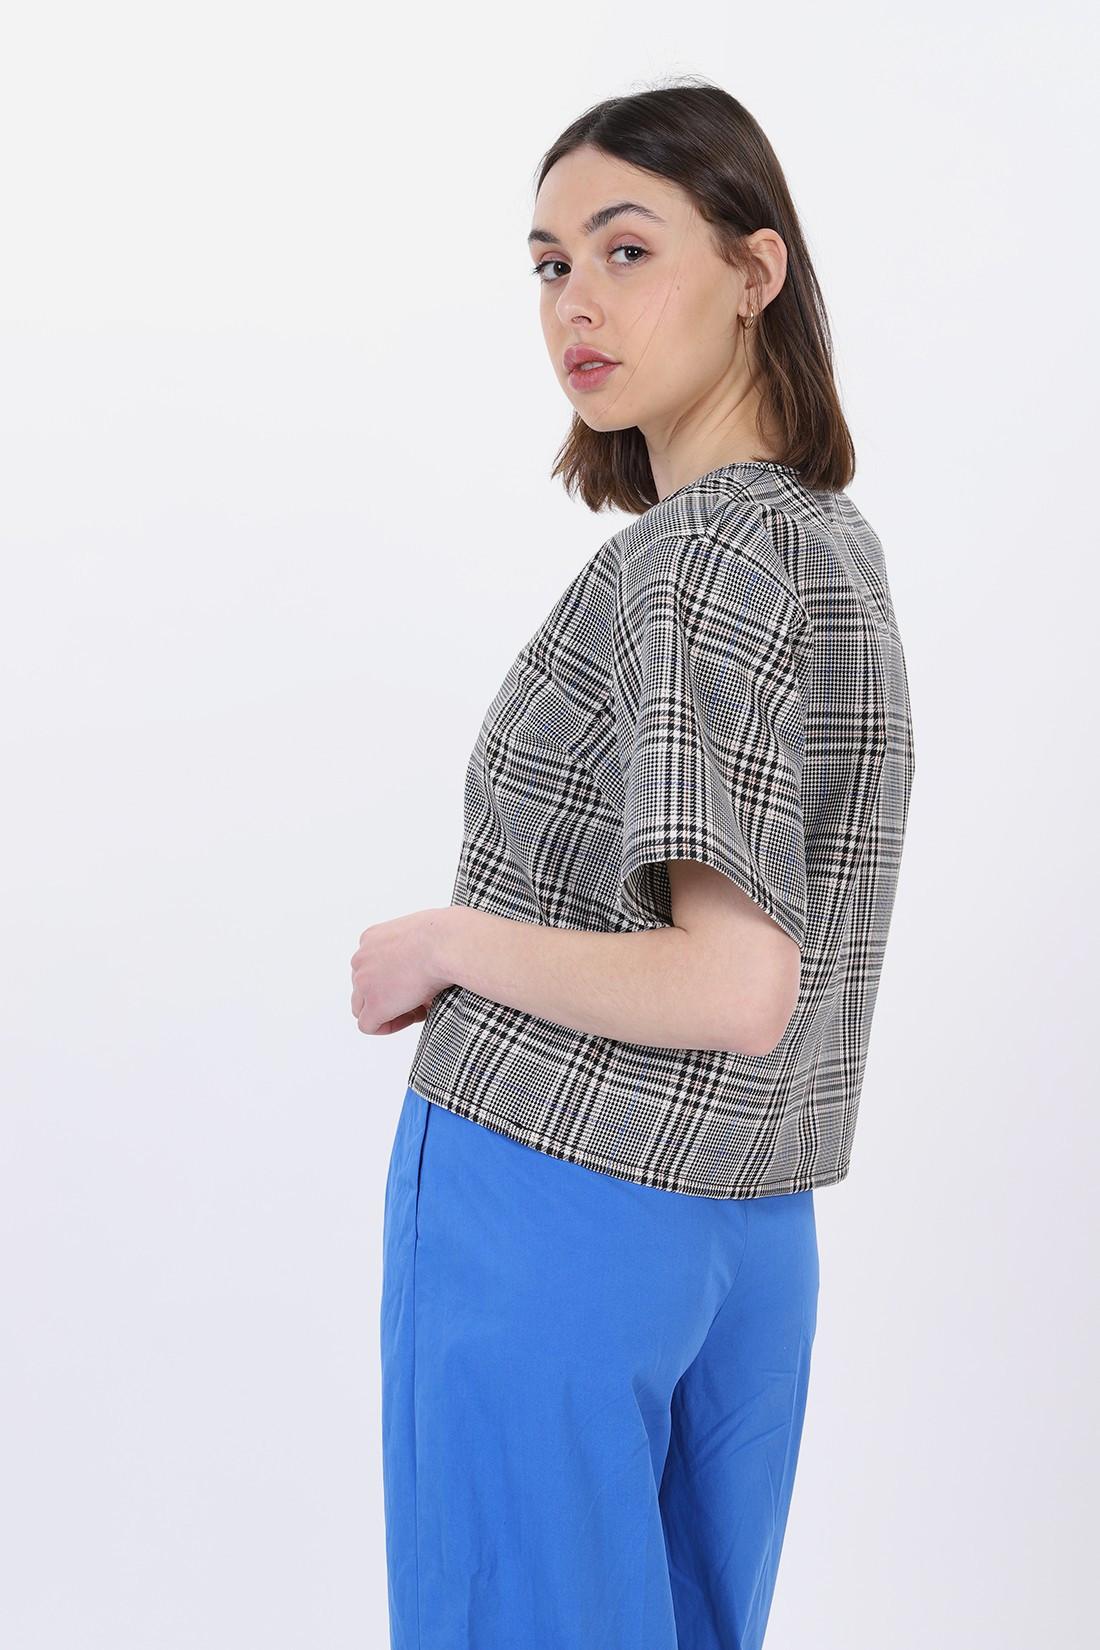 MM6 MAISON MARGIELA / Loose fit top White black